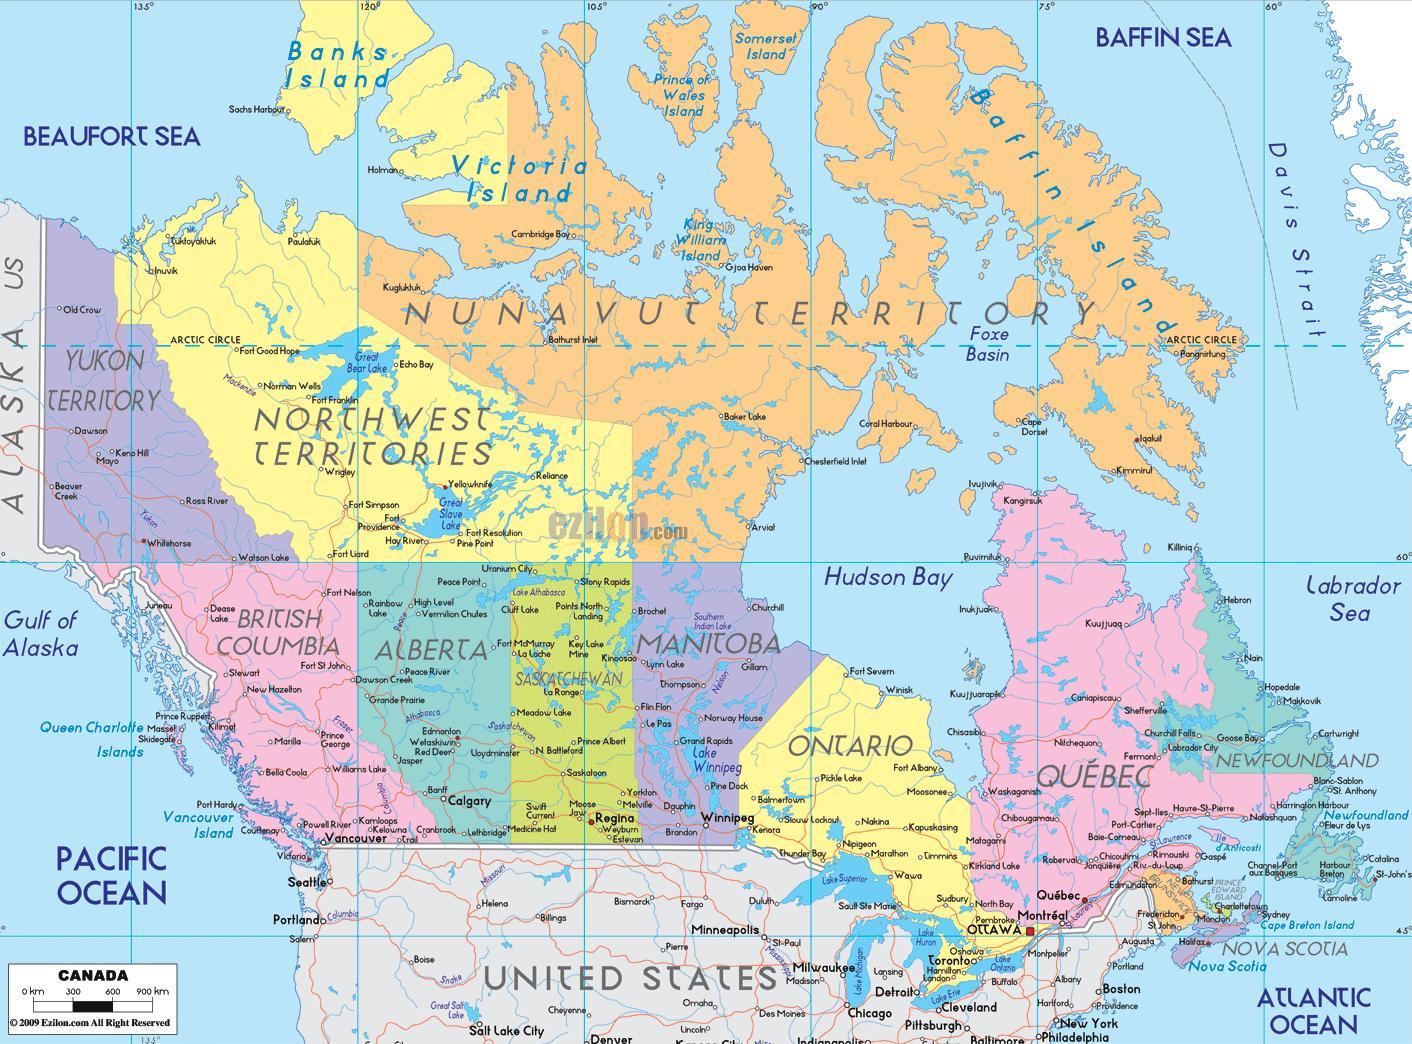 Karta Pa Kanada.Kanada Stader Karta Karta Over Kanada Visar Stader Nordamerika